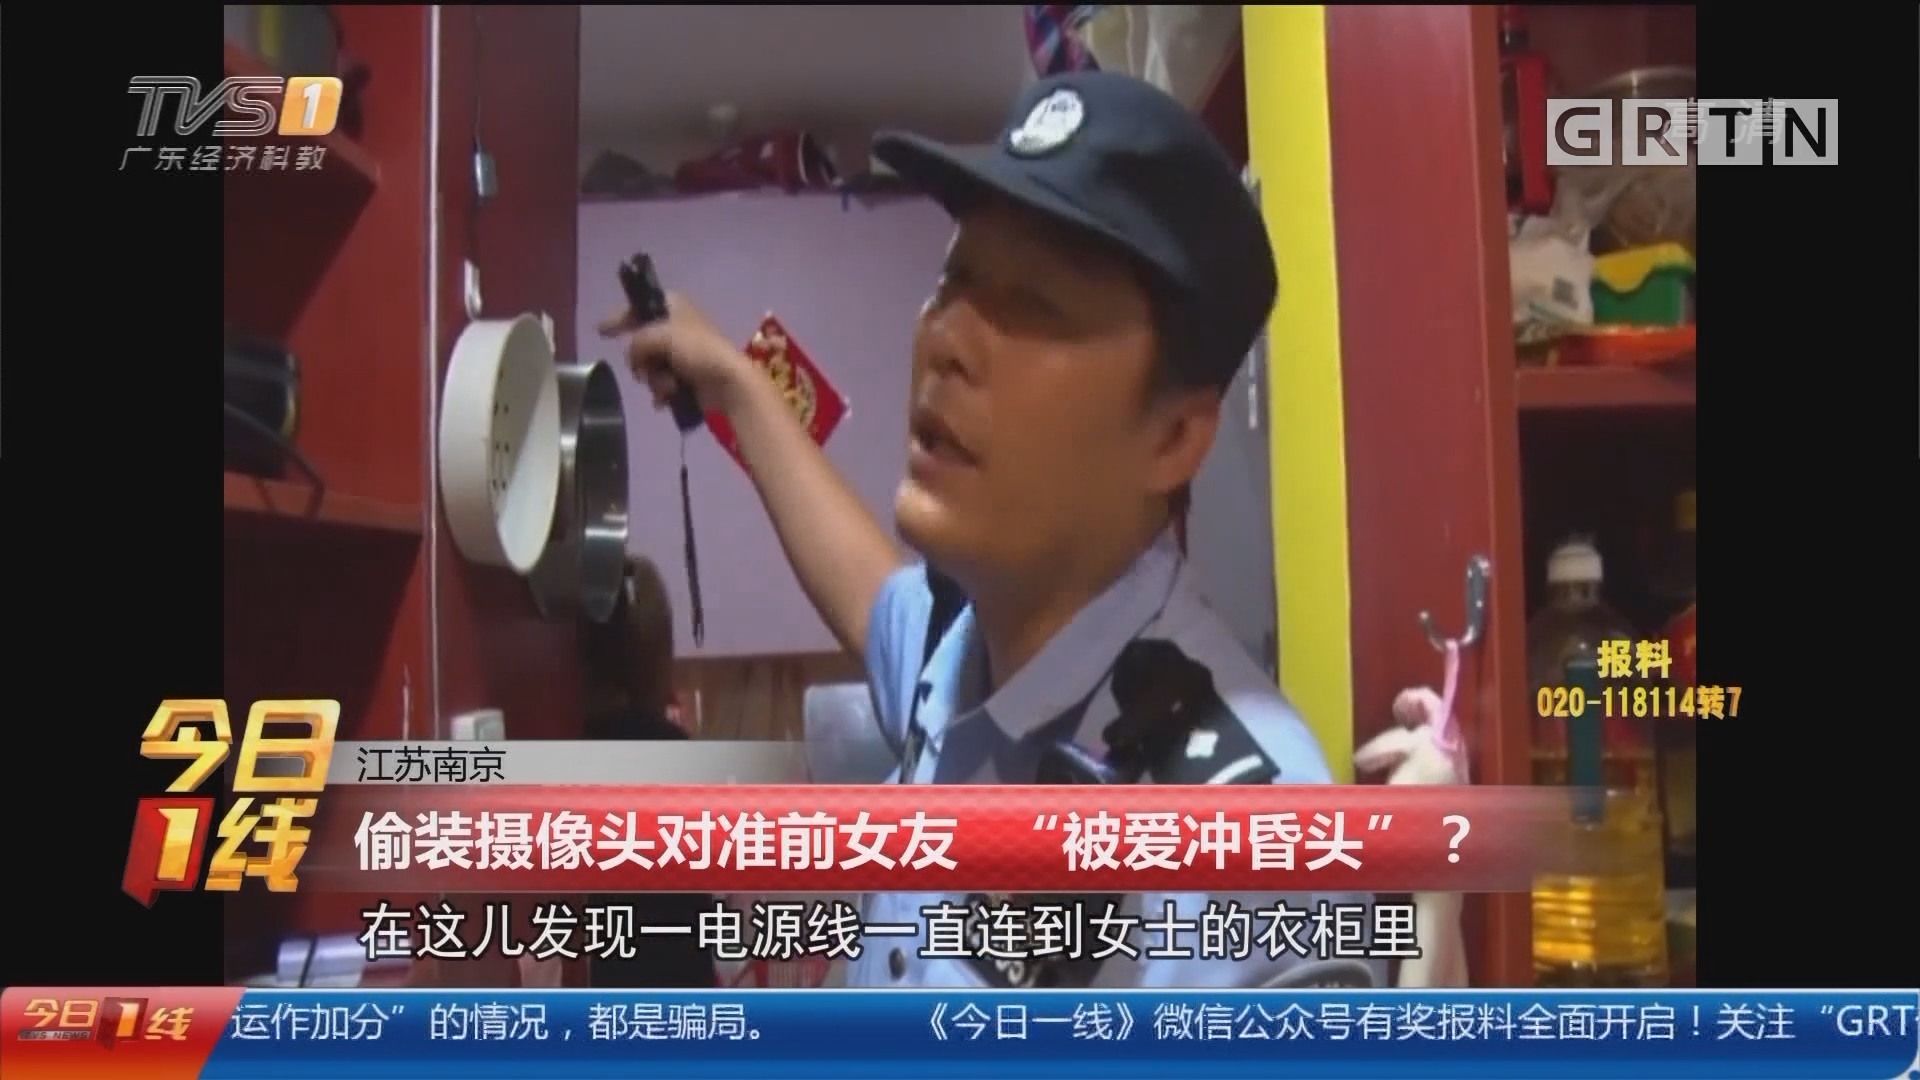 """江苏南京:偷装摄像头对准前女友 """"被爱冲昏头""""?"""